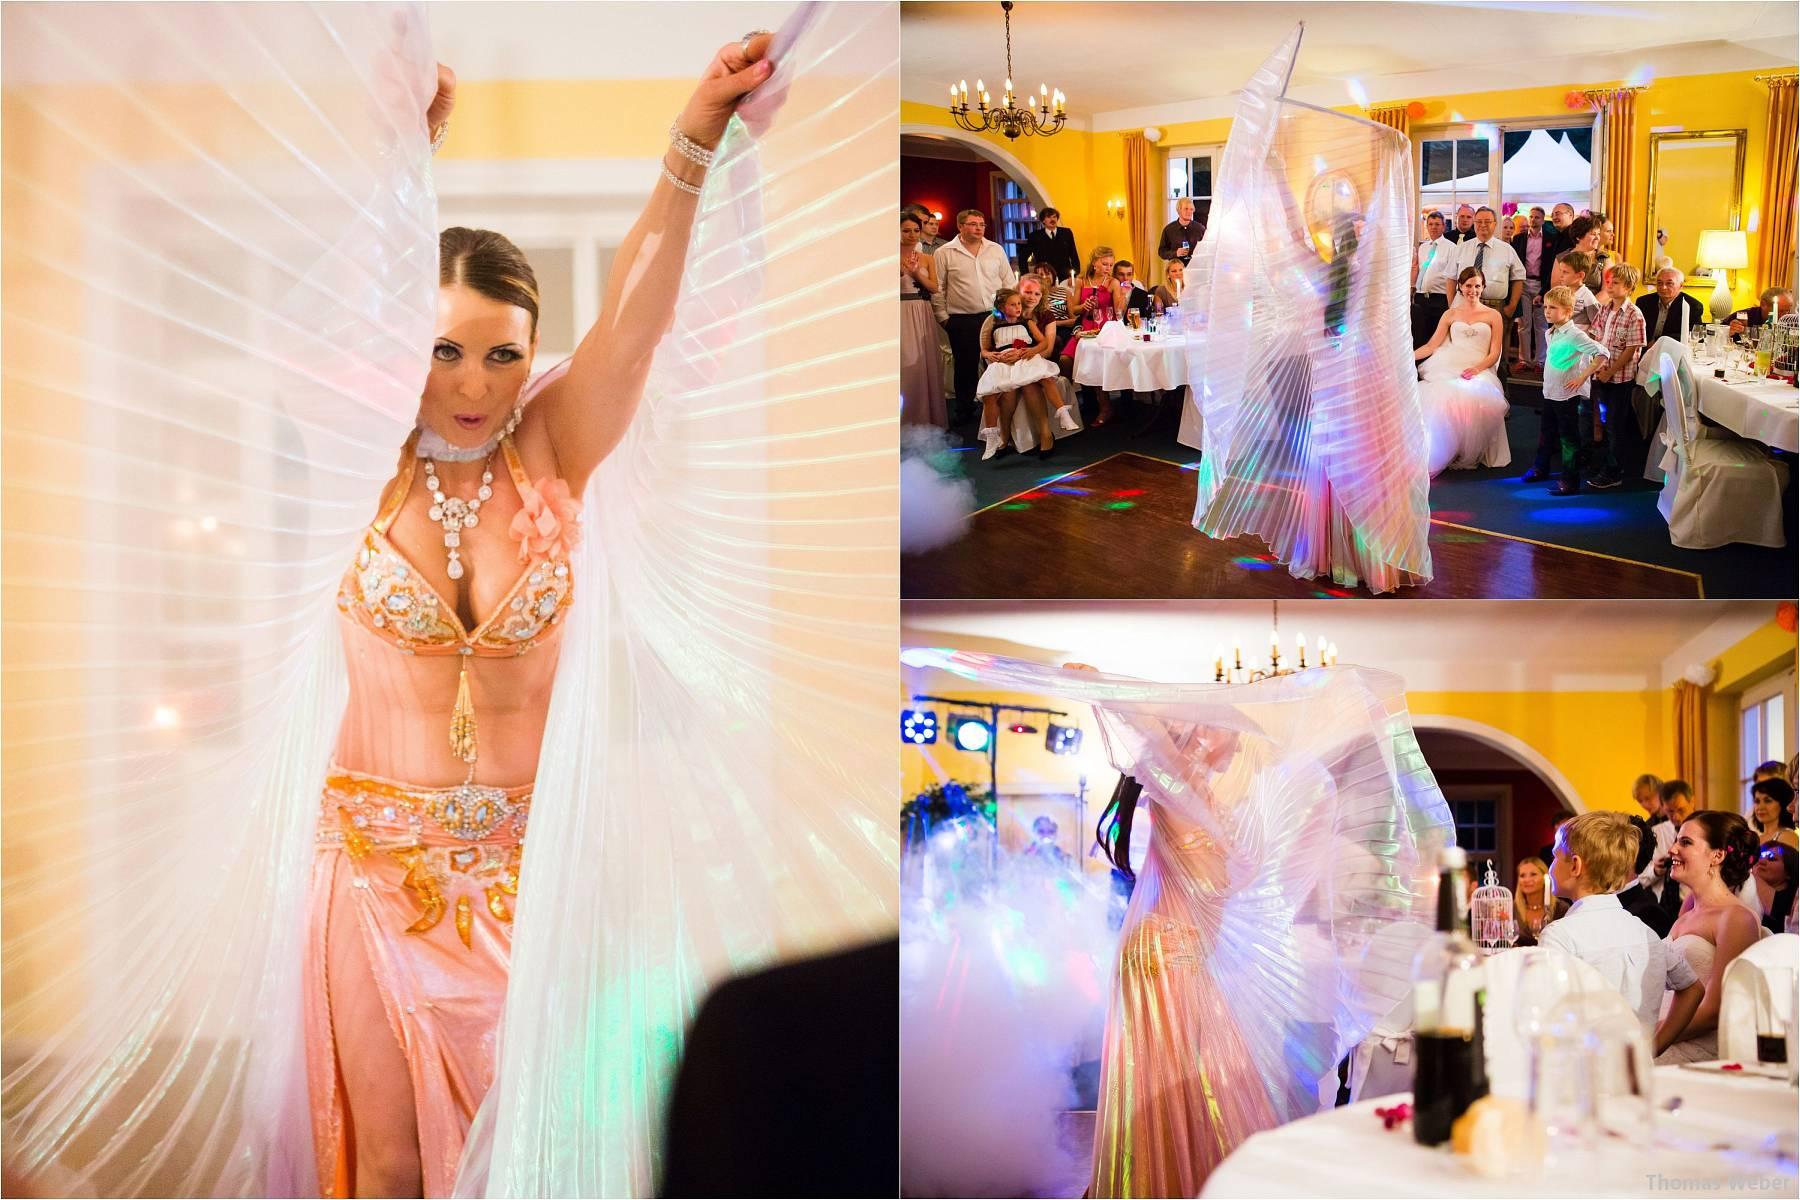 Hochzeitsfotograf Oldenburg: Russische Hochzeit im Standesamt am Pferdemarkt und Hochzeitsfeier im Landhaus Etzhorn (29)